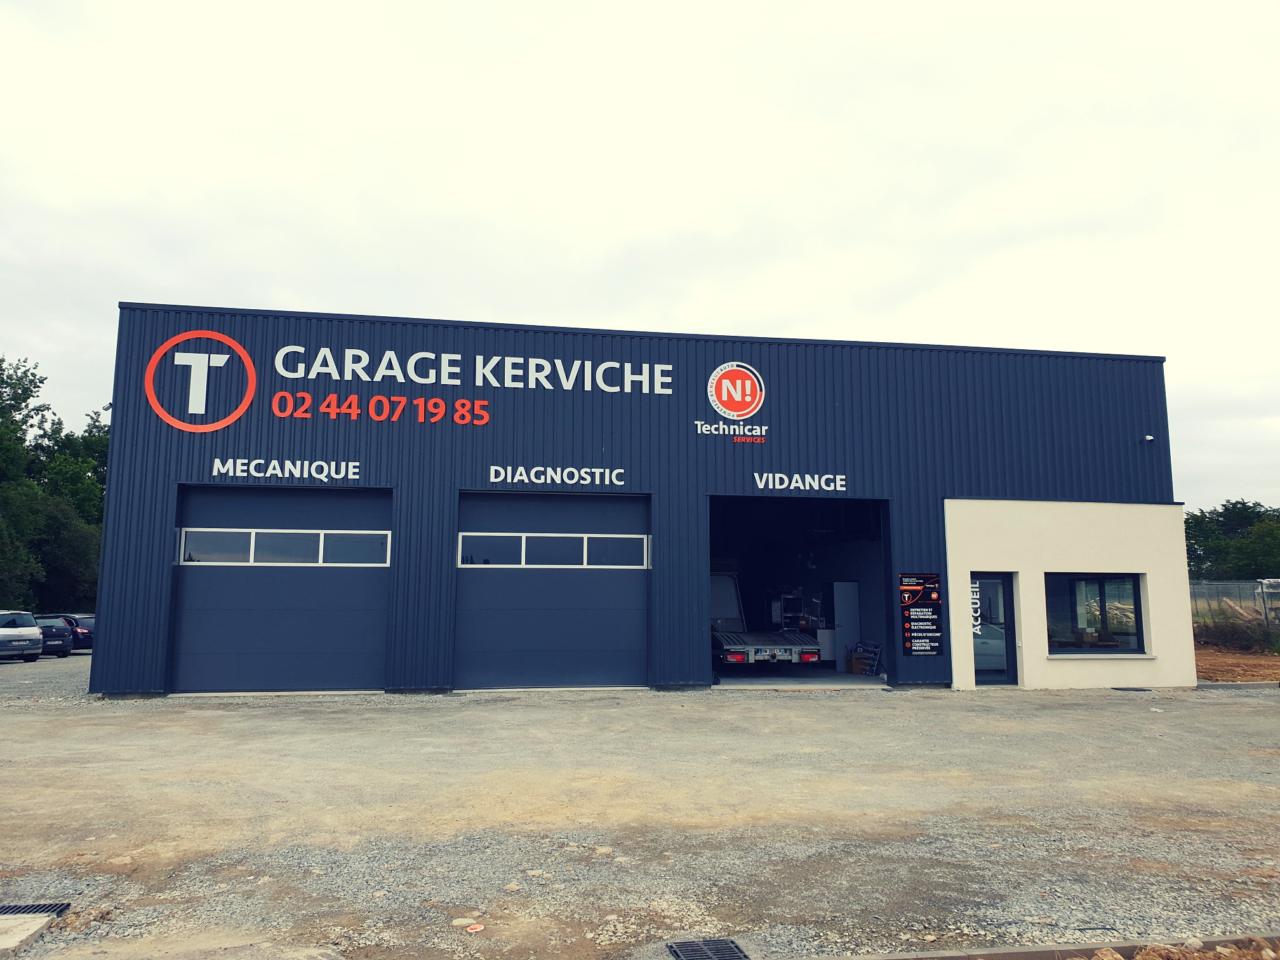 Garage Kerviche